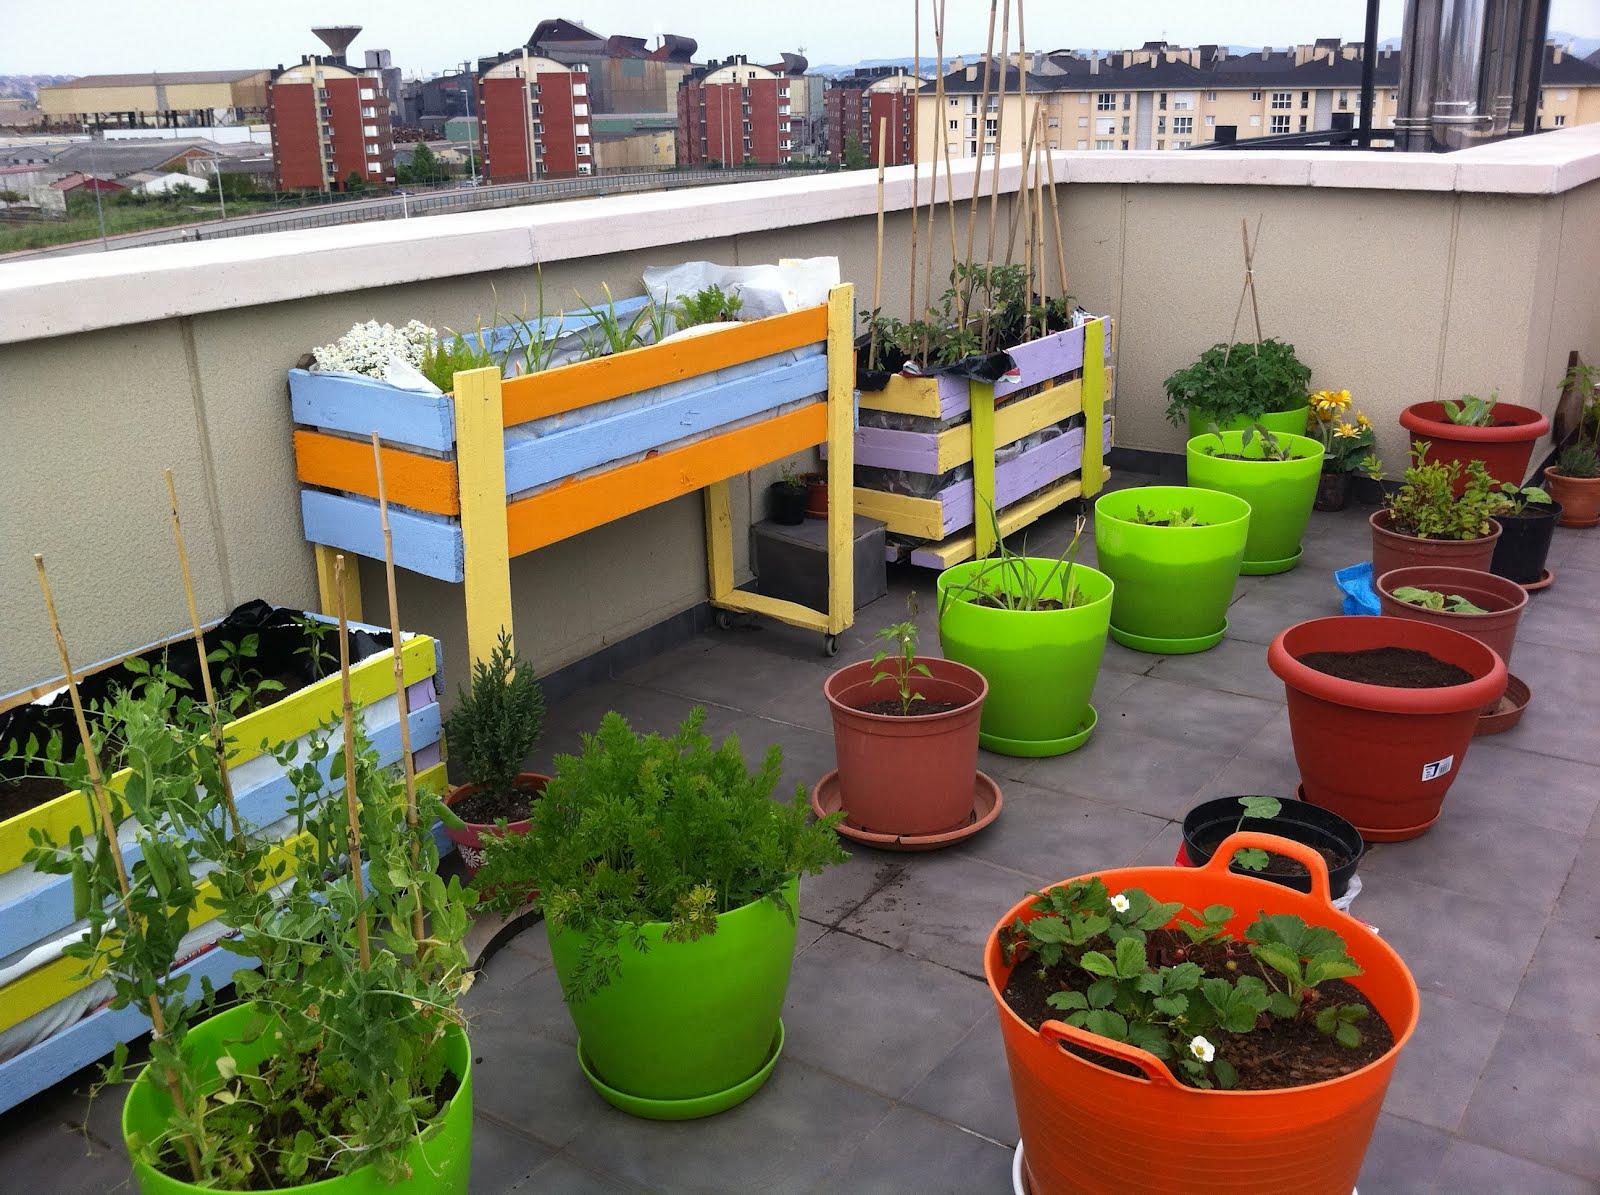 Huerteros el huerto de monica el balcon verde - El huerto en casa ...